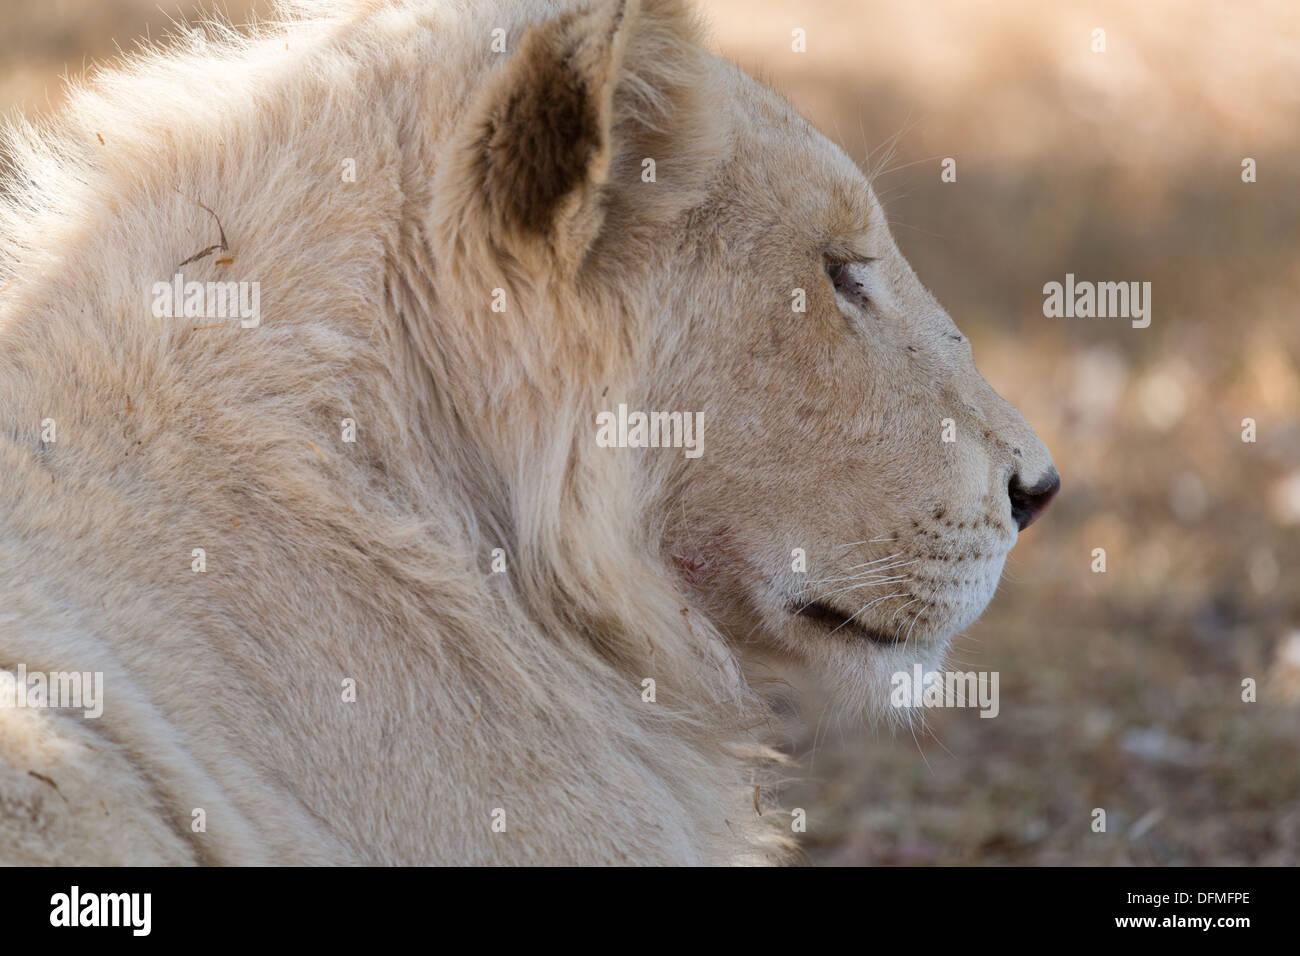 Un león macho blanco joven indígena a Sudáfrica Imagen De Stock